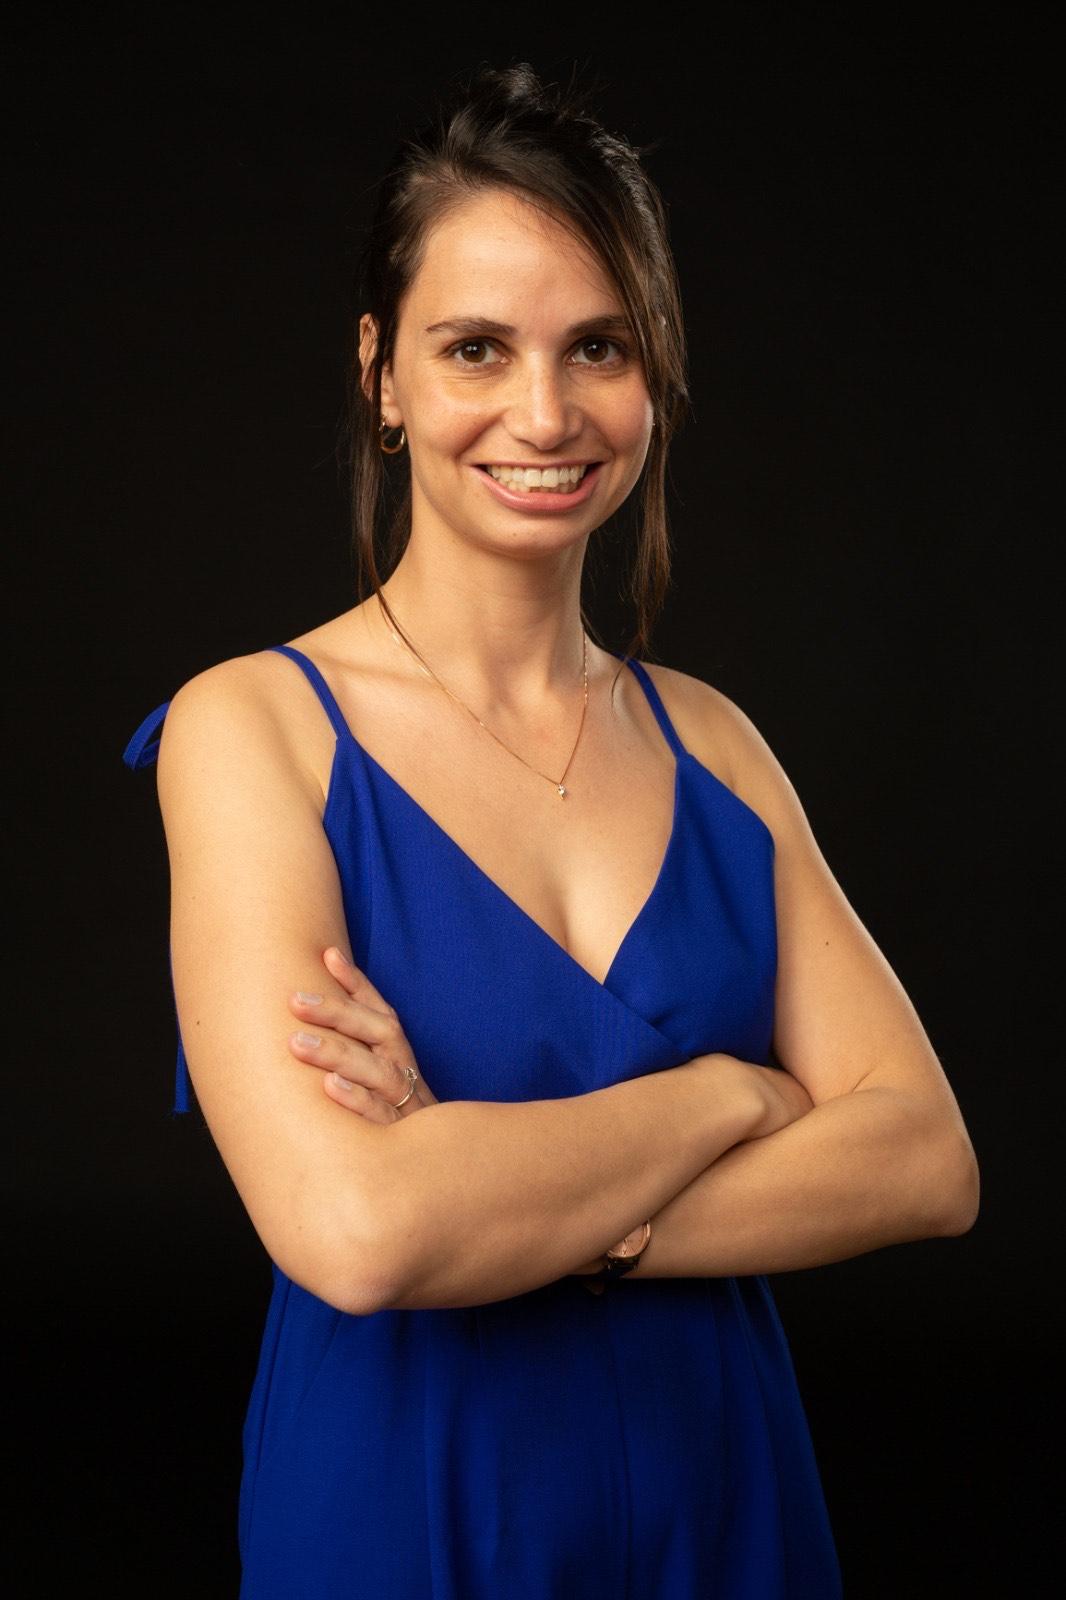 Neta Schreiber Gamliel